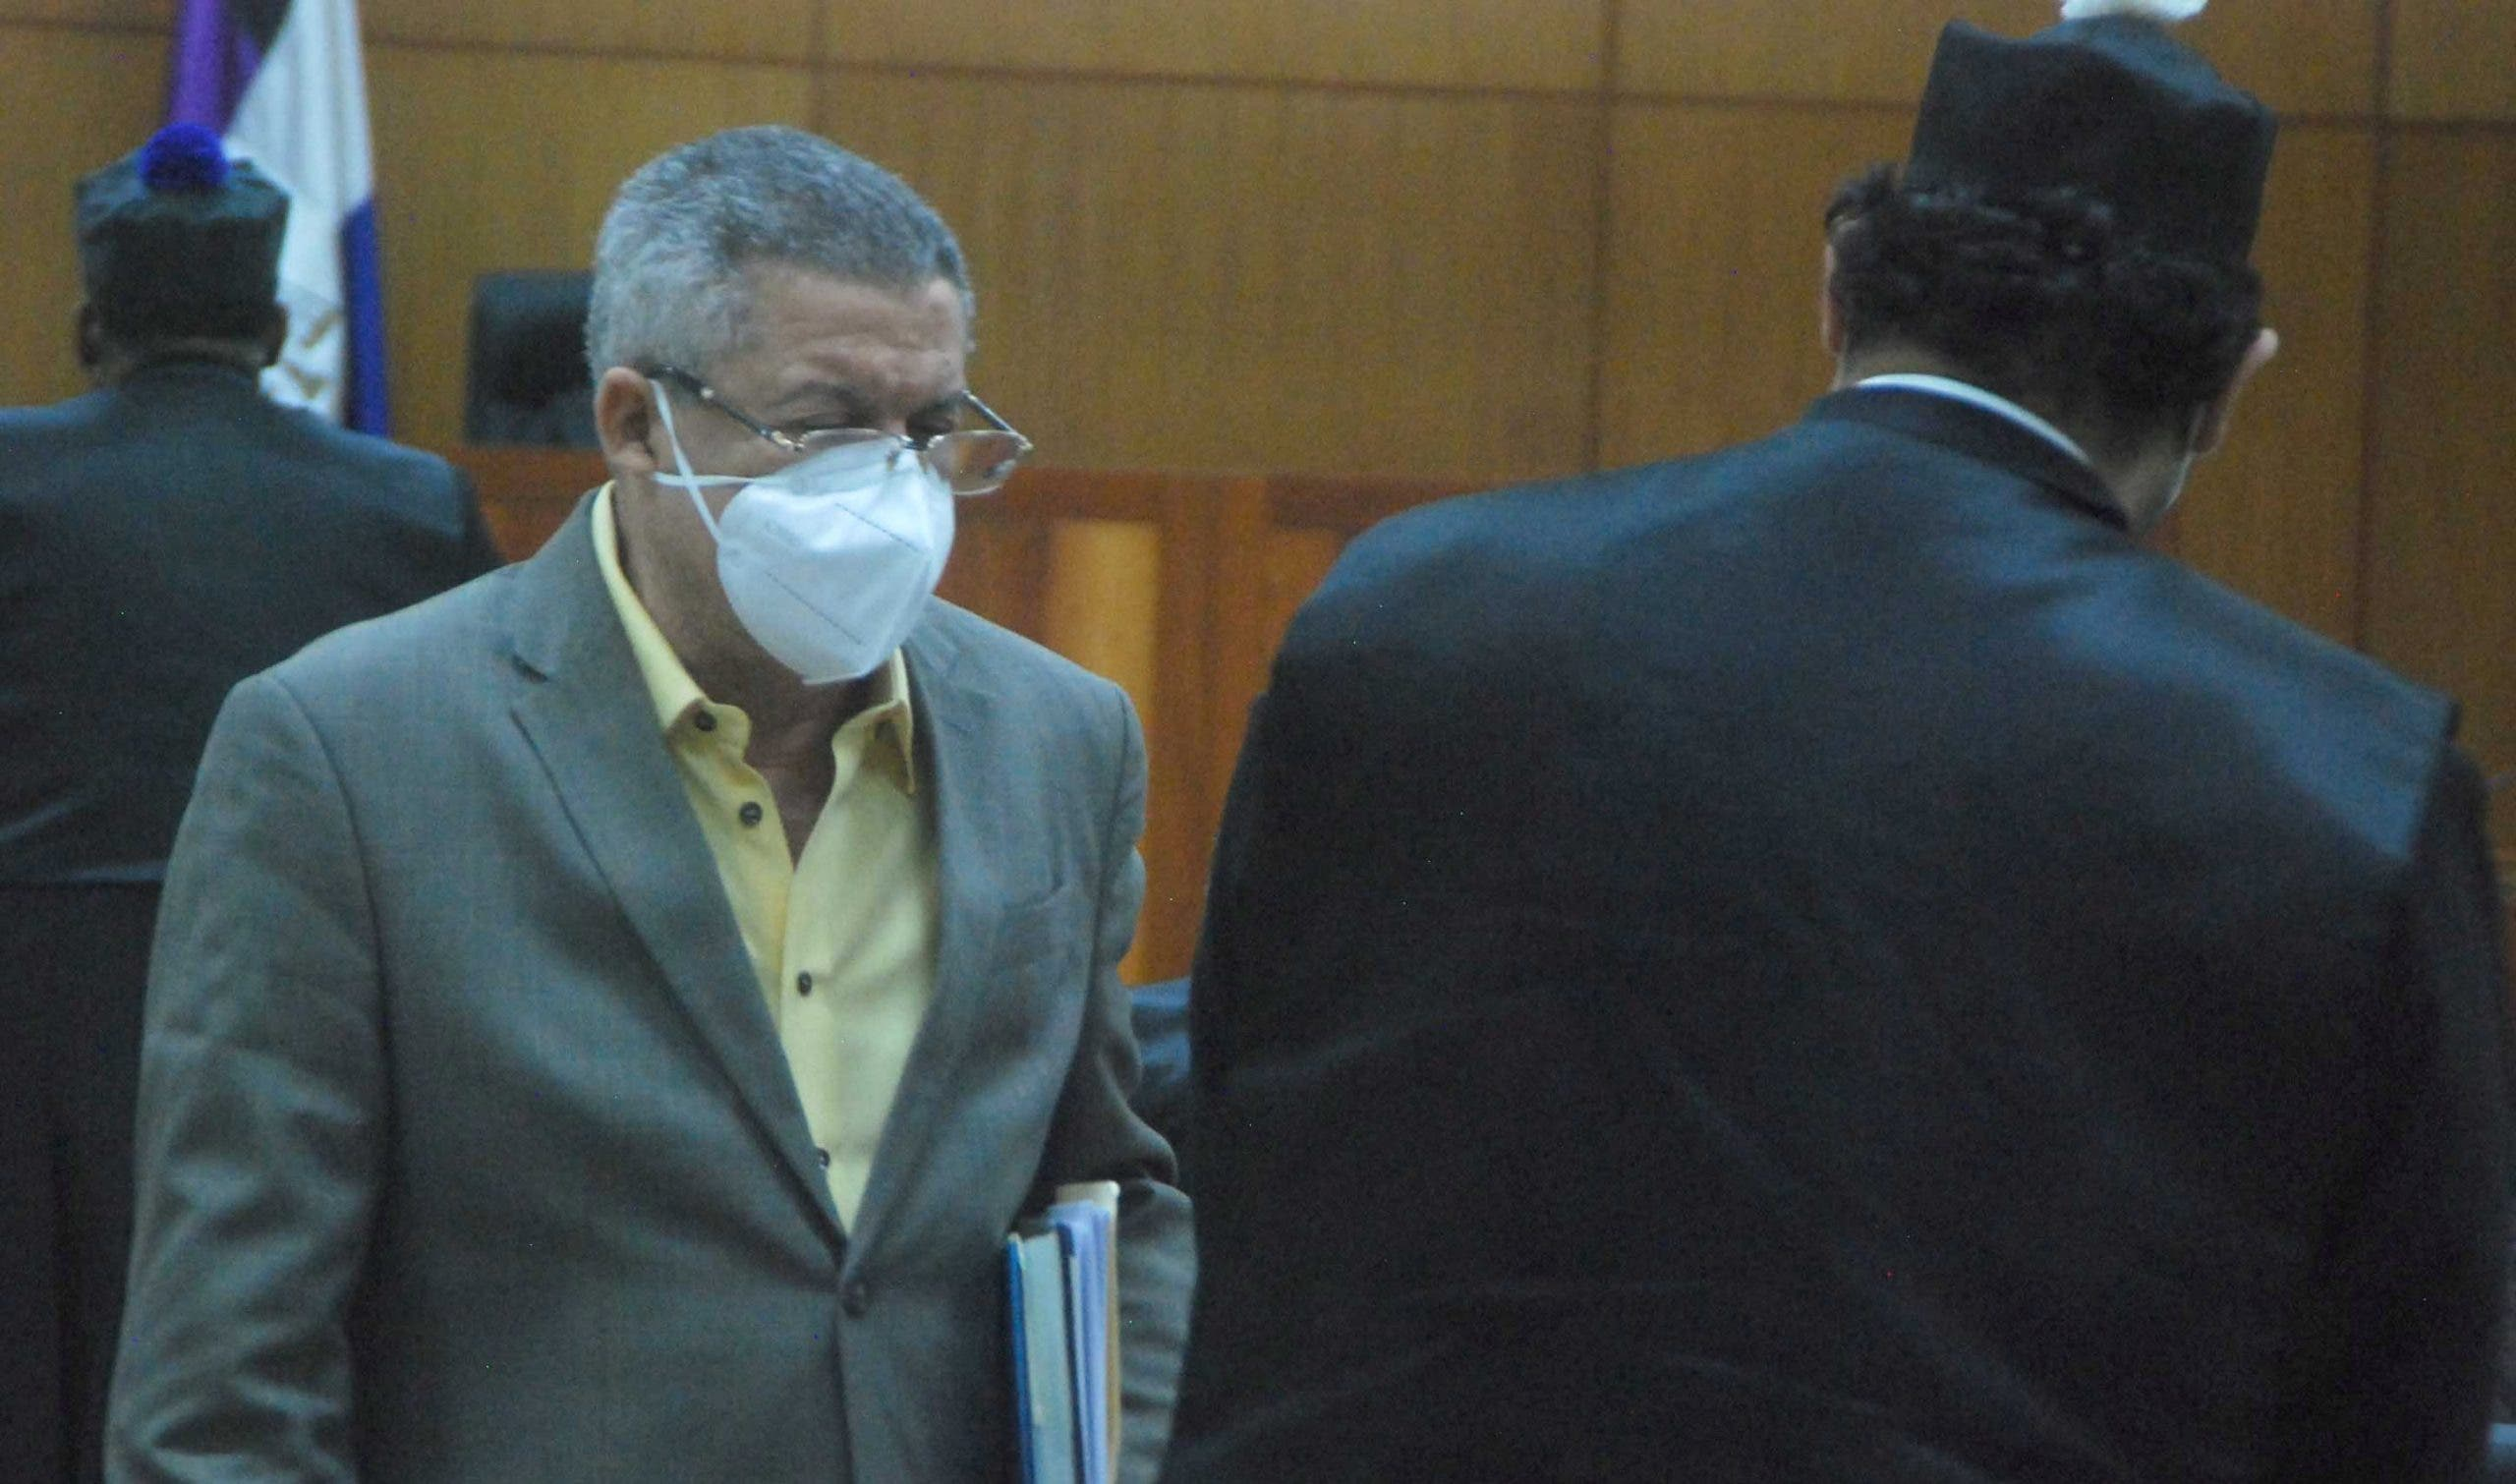 La Pepca: defensa de Roberto Rodríguez fue pobre y parca en el juicio Odebrecht